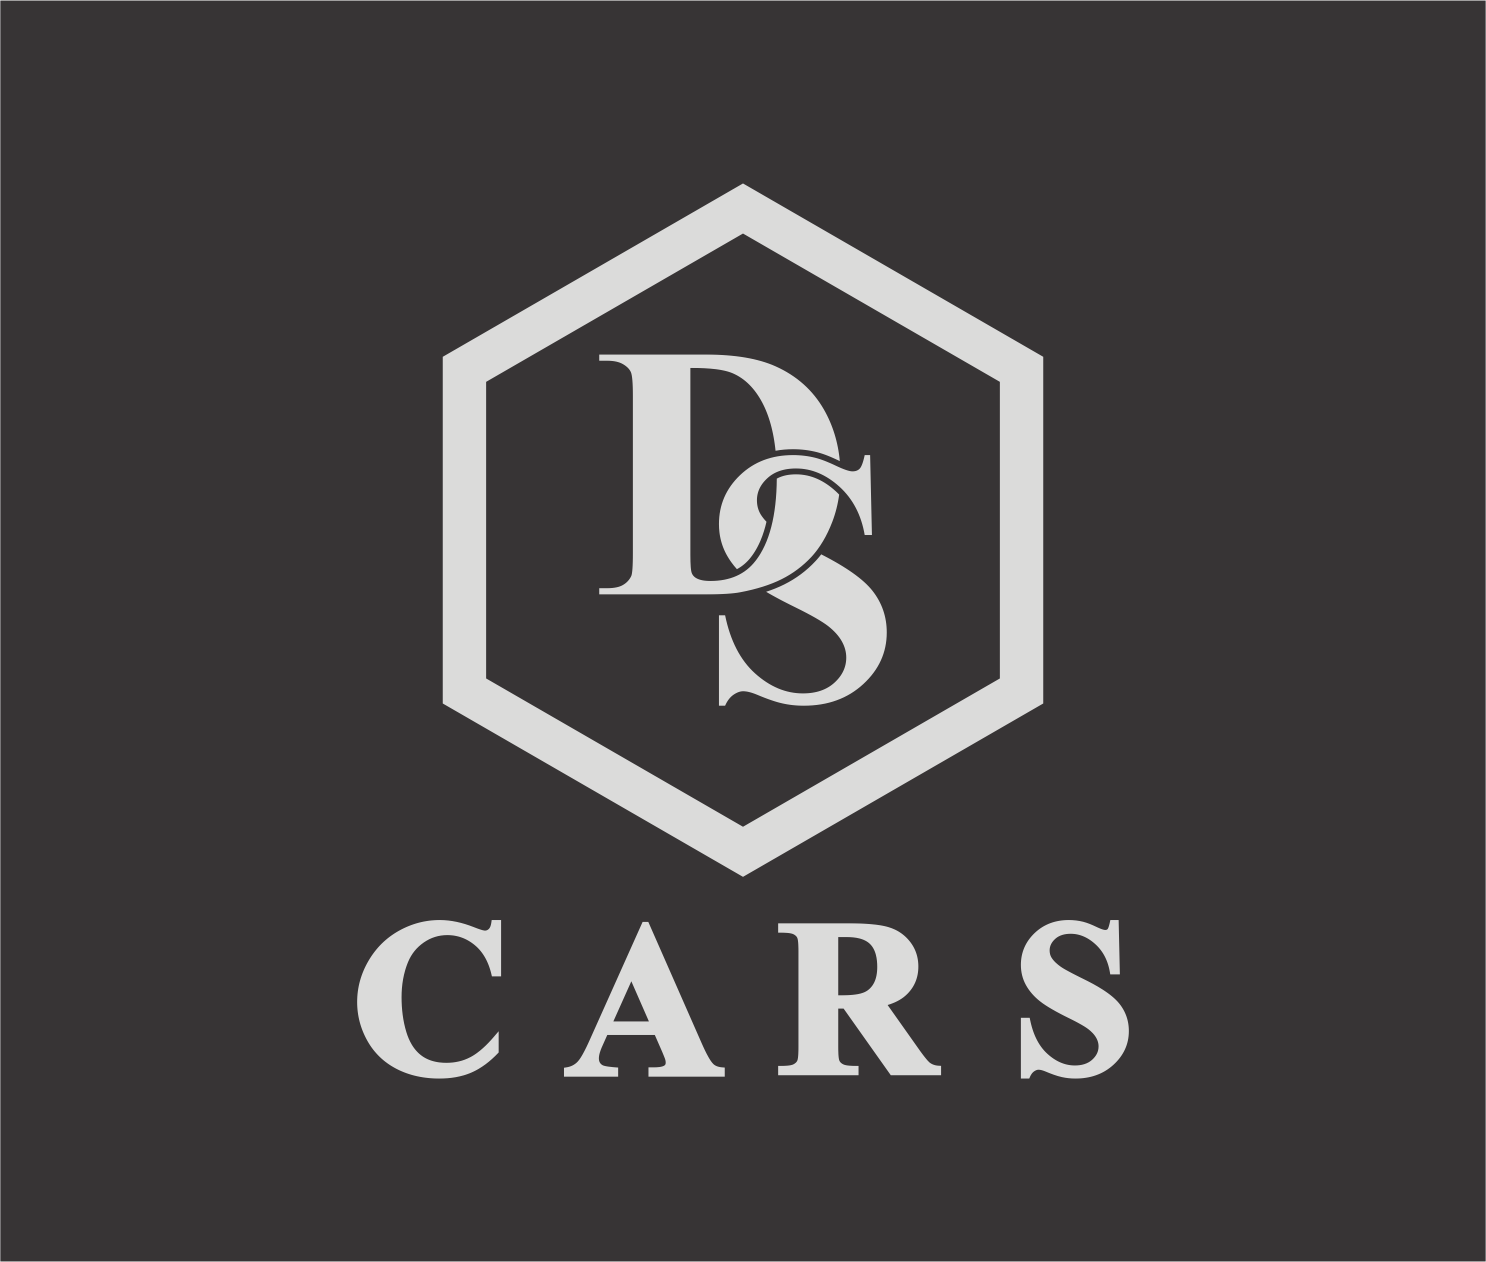 D&S cars